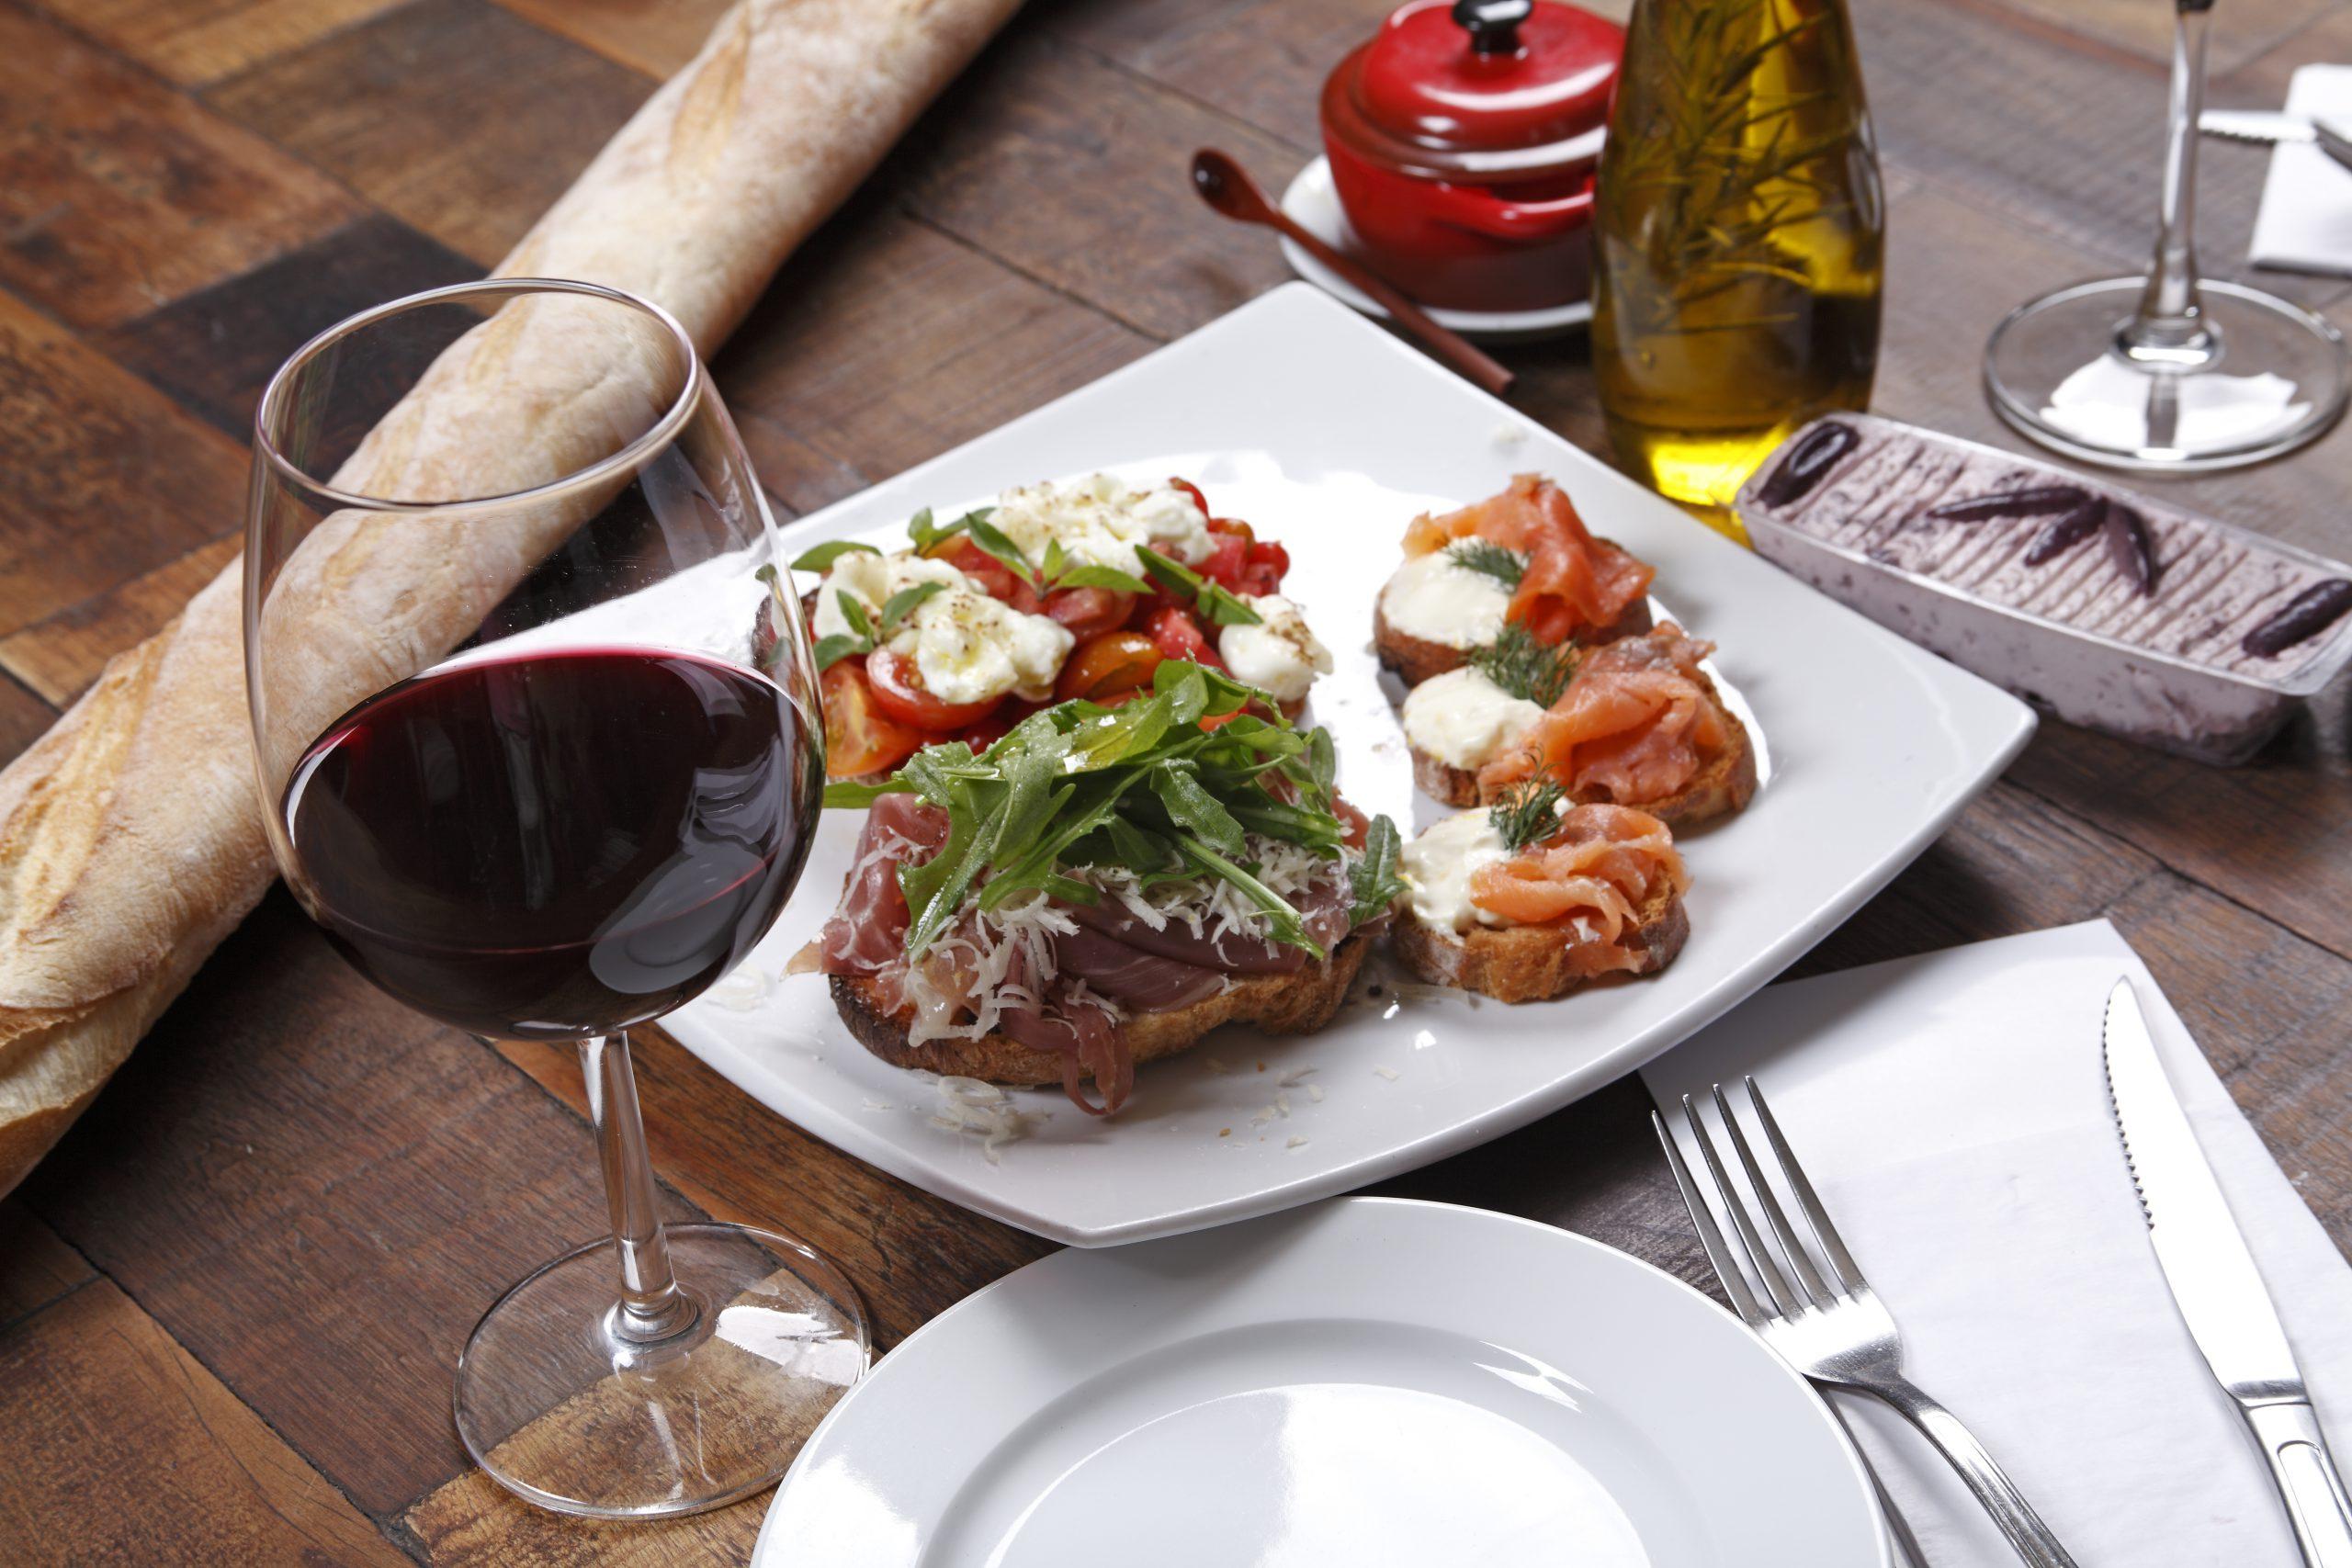 世界でNo.1のワイン生産量!イタリアワインの特長や代表的な銘柄を紹介!